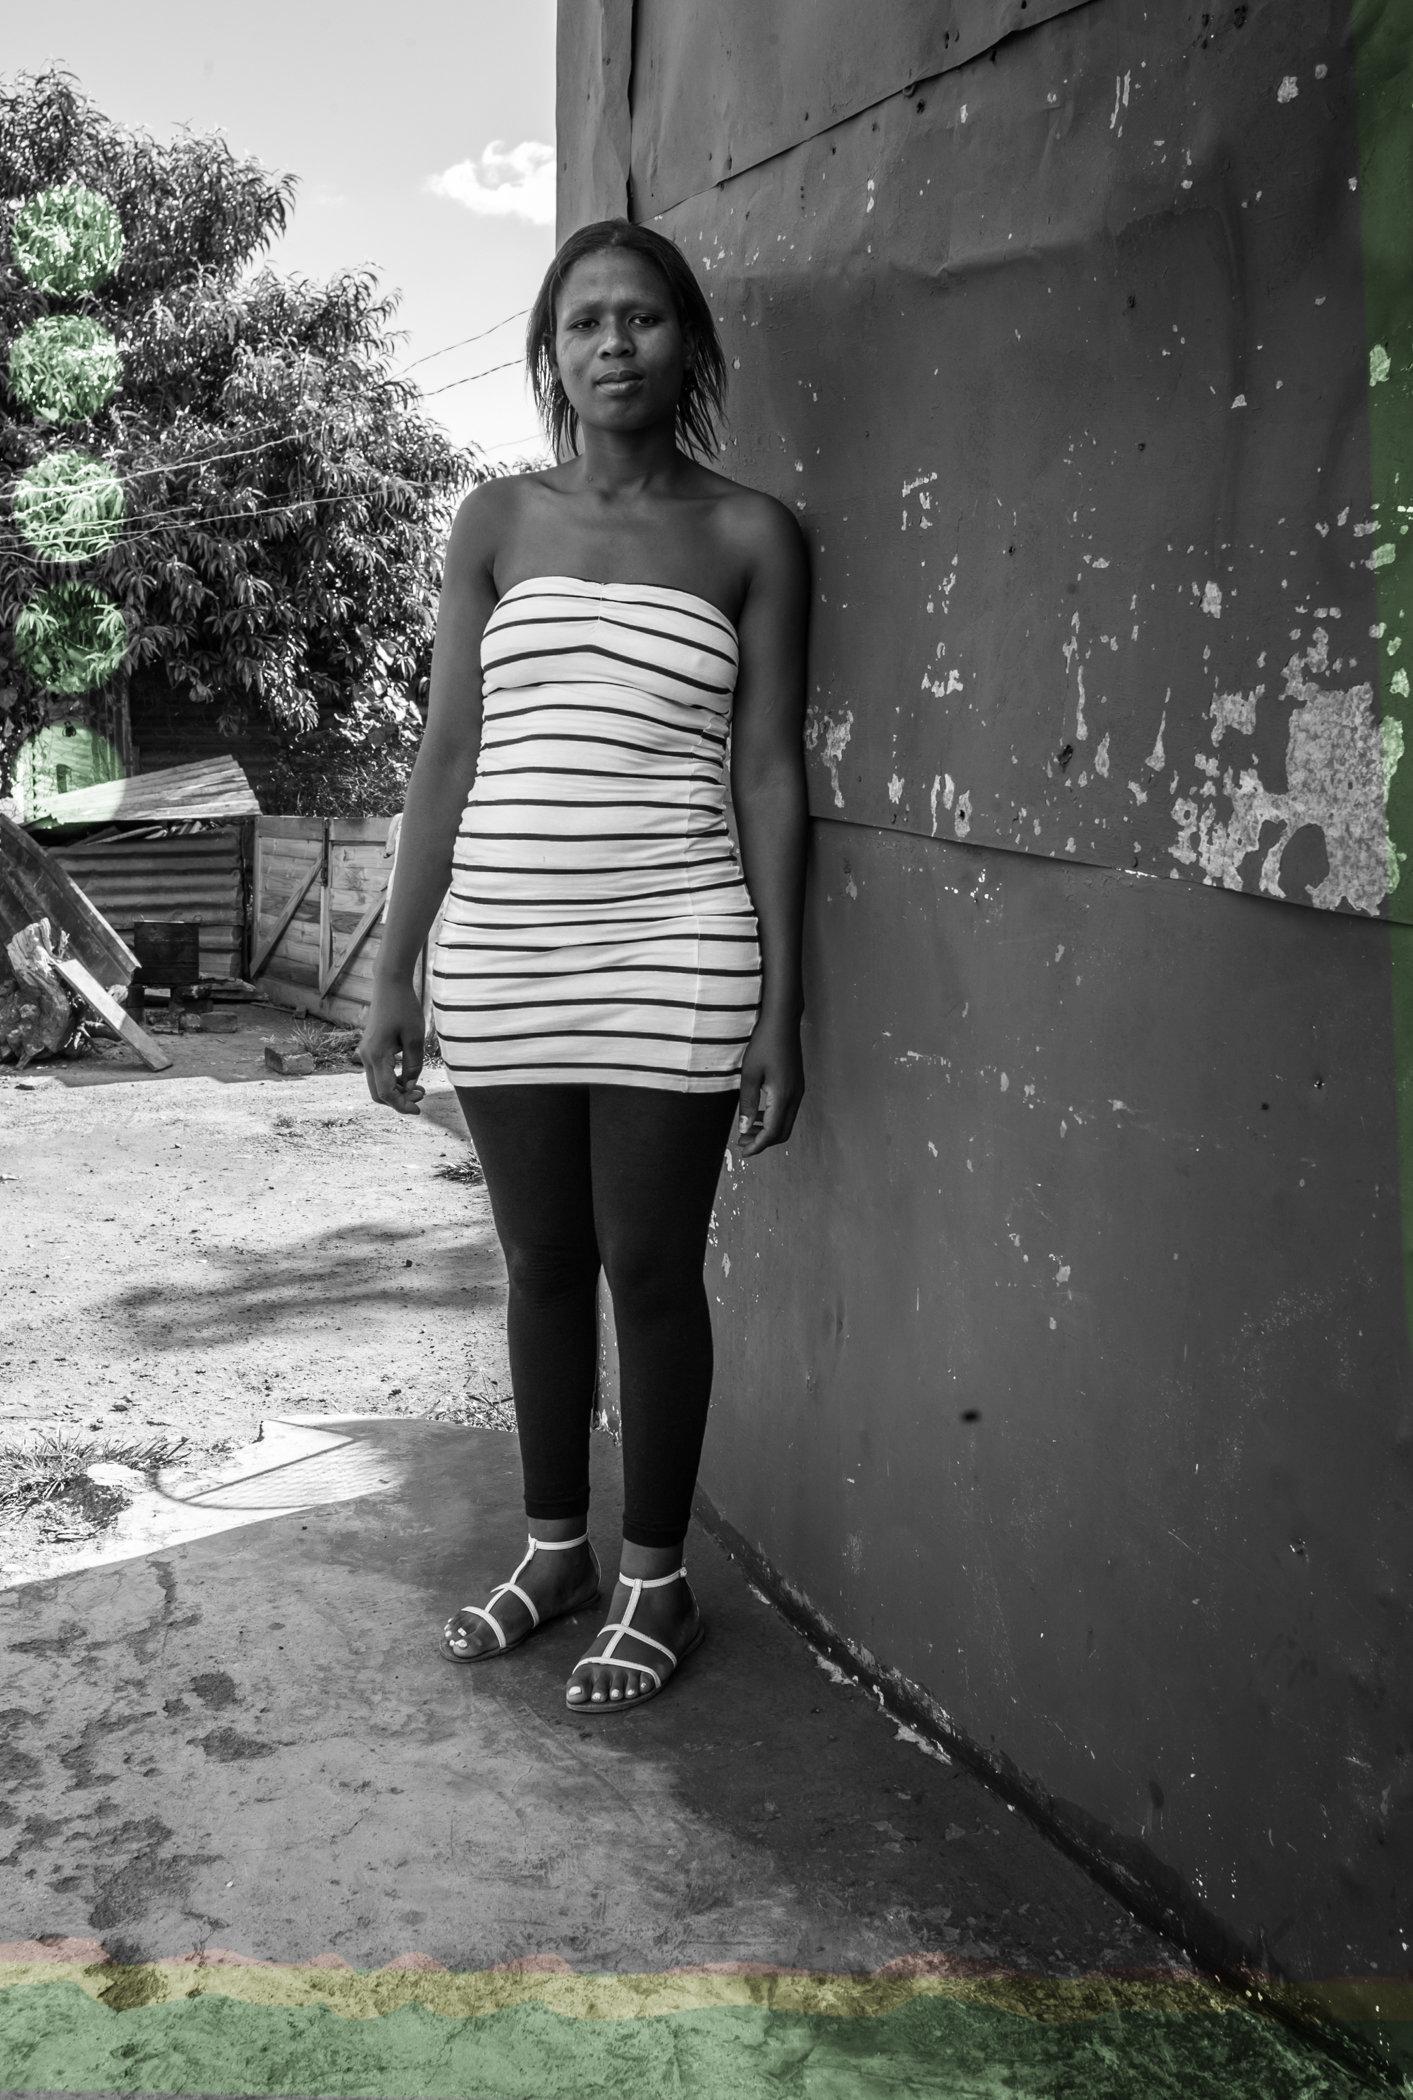 Soweto_hooped_Girl-L1004047.jpg